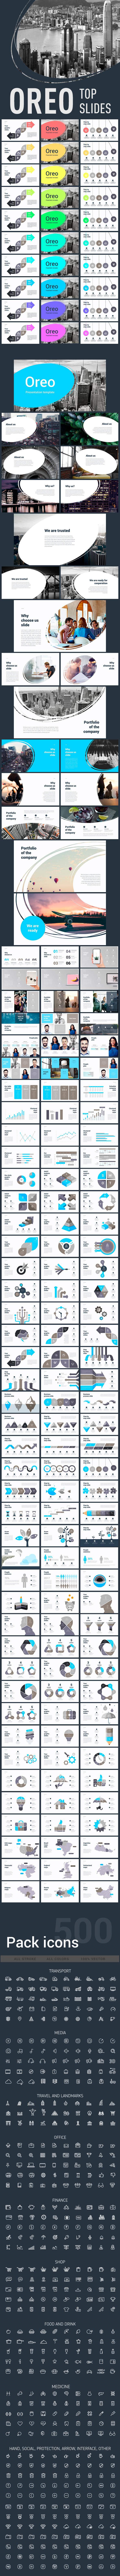 Oreo Minimal Powerpoint - Creative PowerPoint Templates